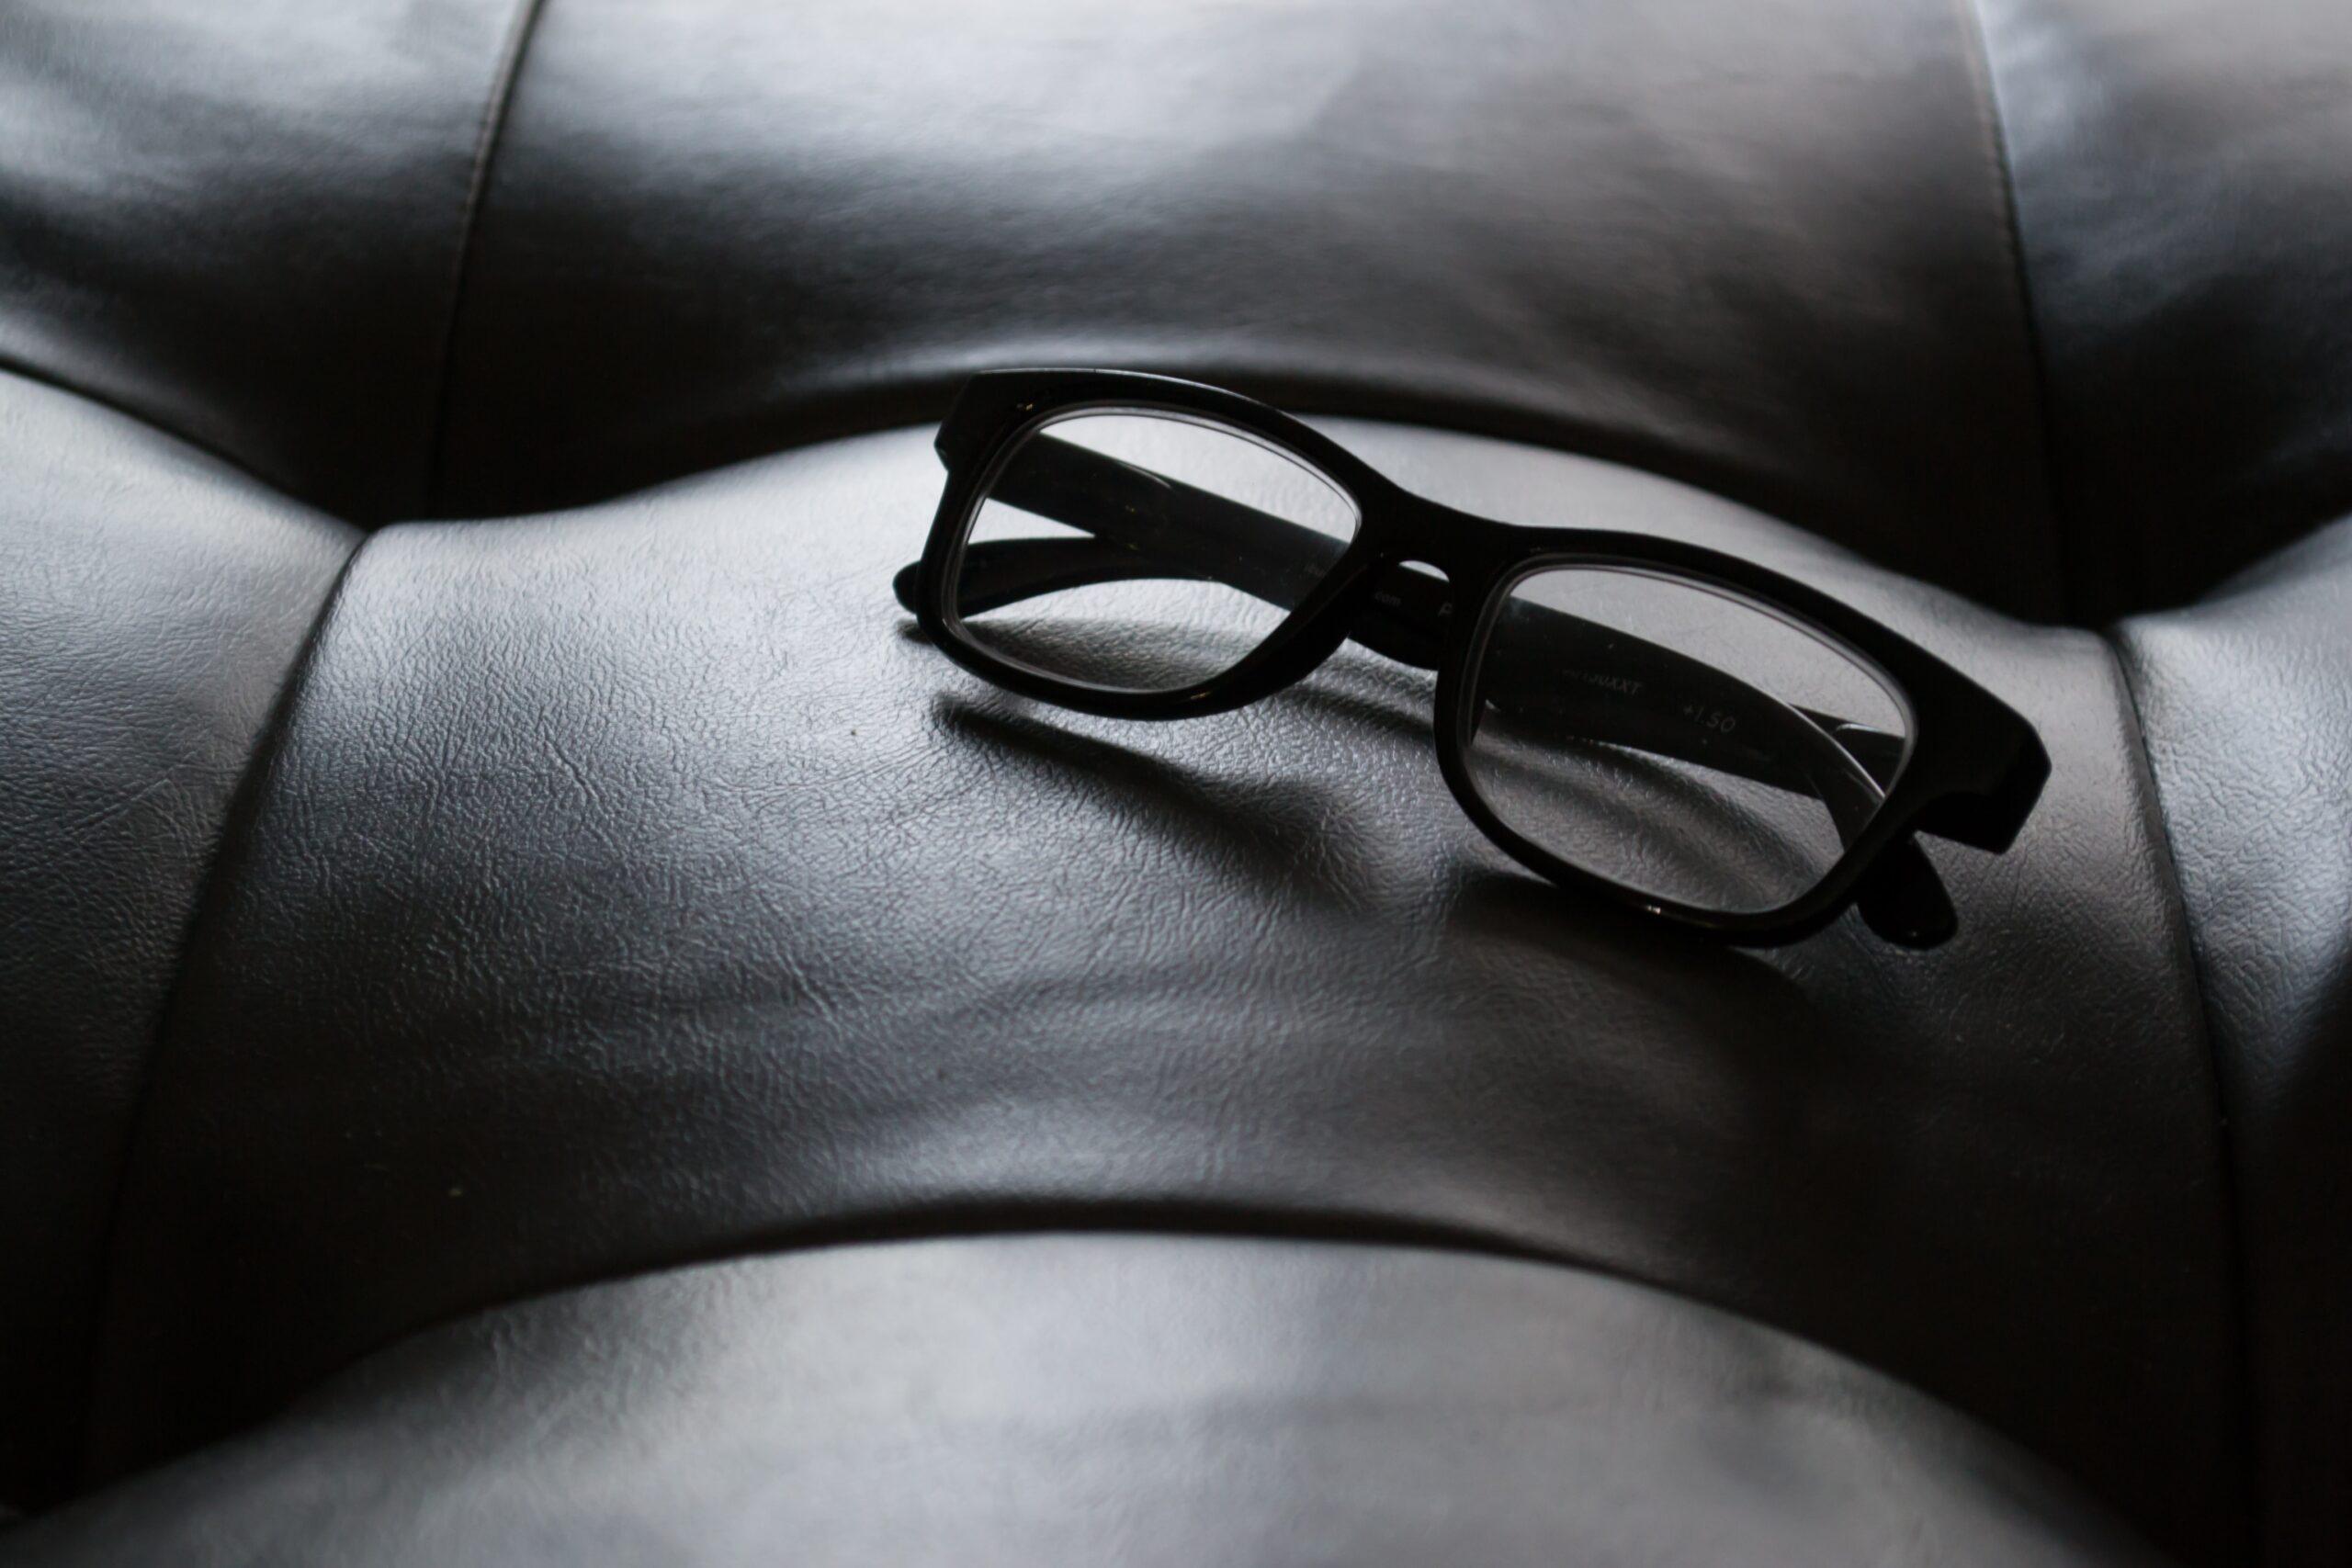 ソファの上に眼鏡がある